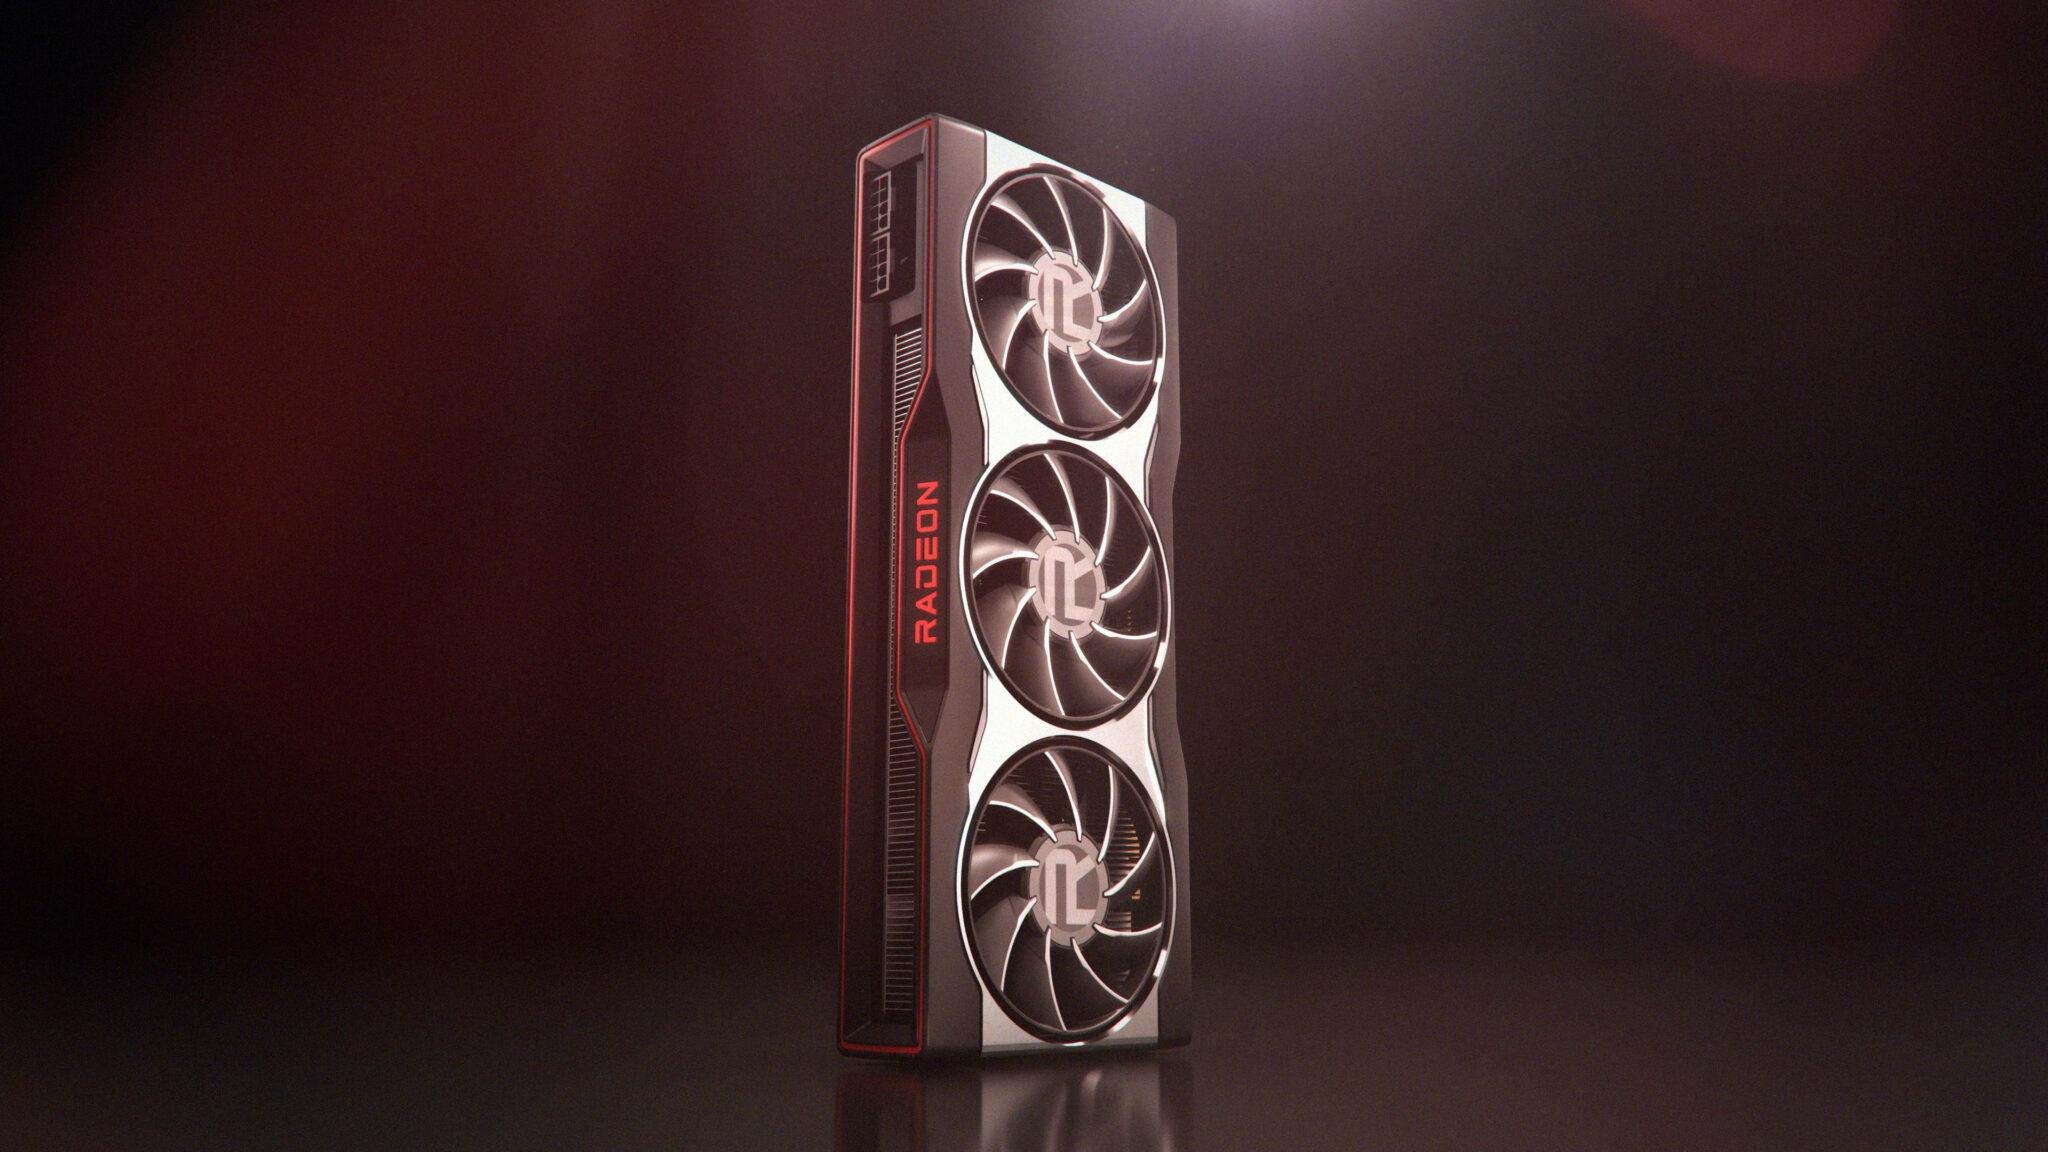 AMD gibt endlich Konter: Design der Radeon RX 6000 veröffentlicht